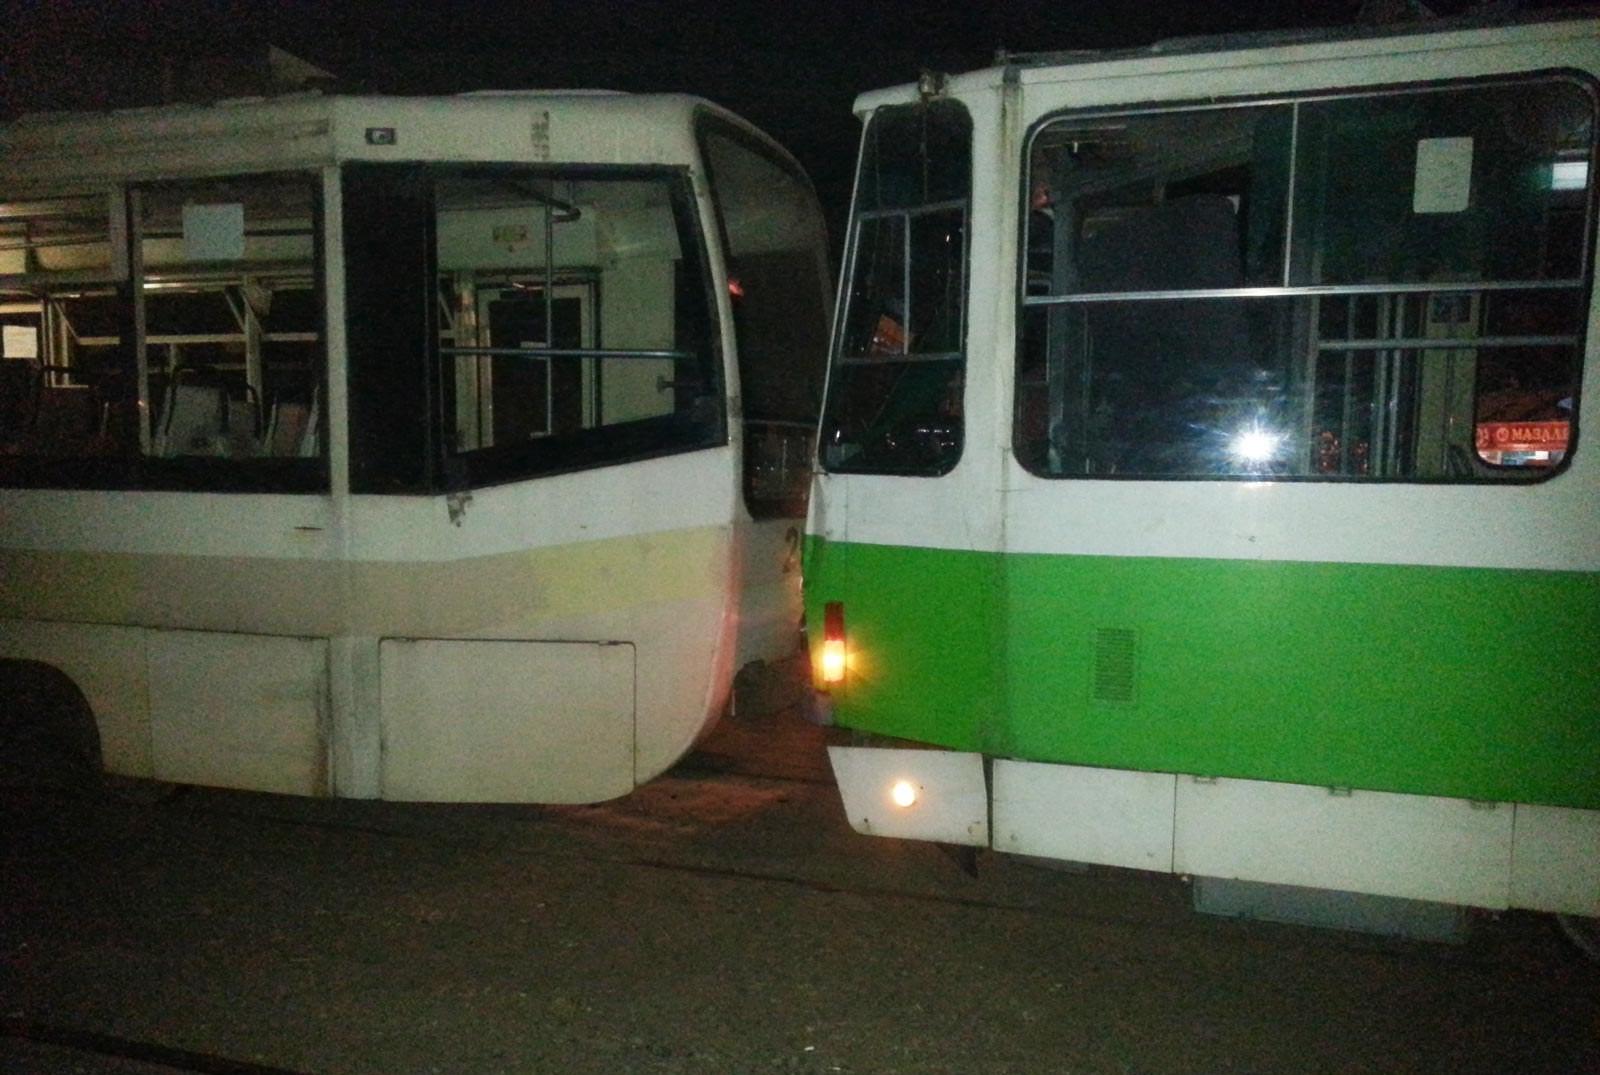 Тошкентда учта трамвай иштирокида йўл-транспорт ҳодисаси юз берди (фото)